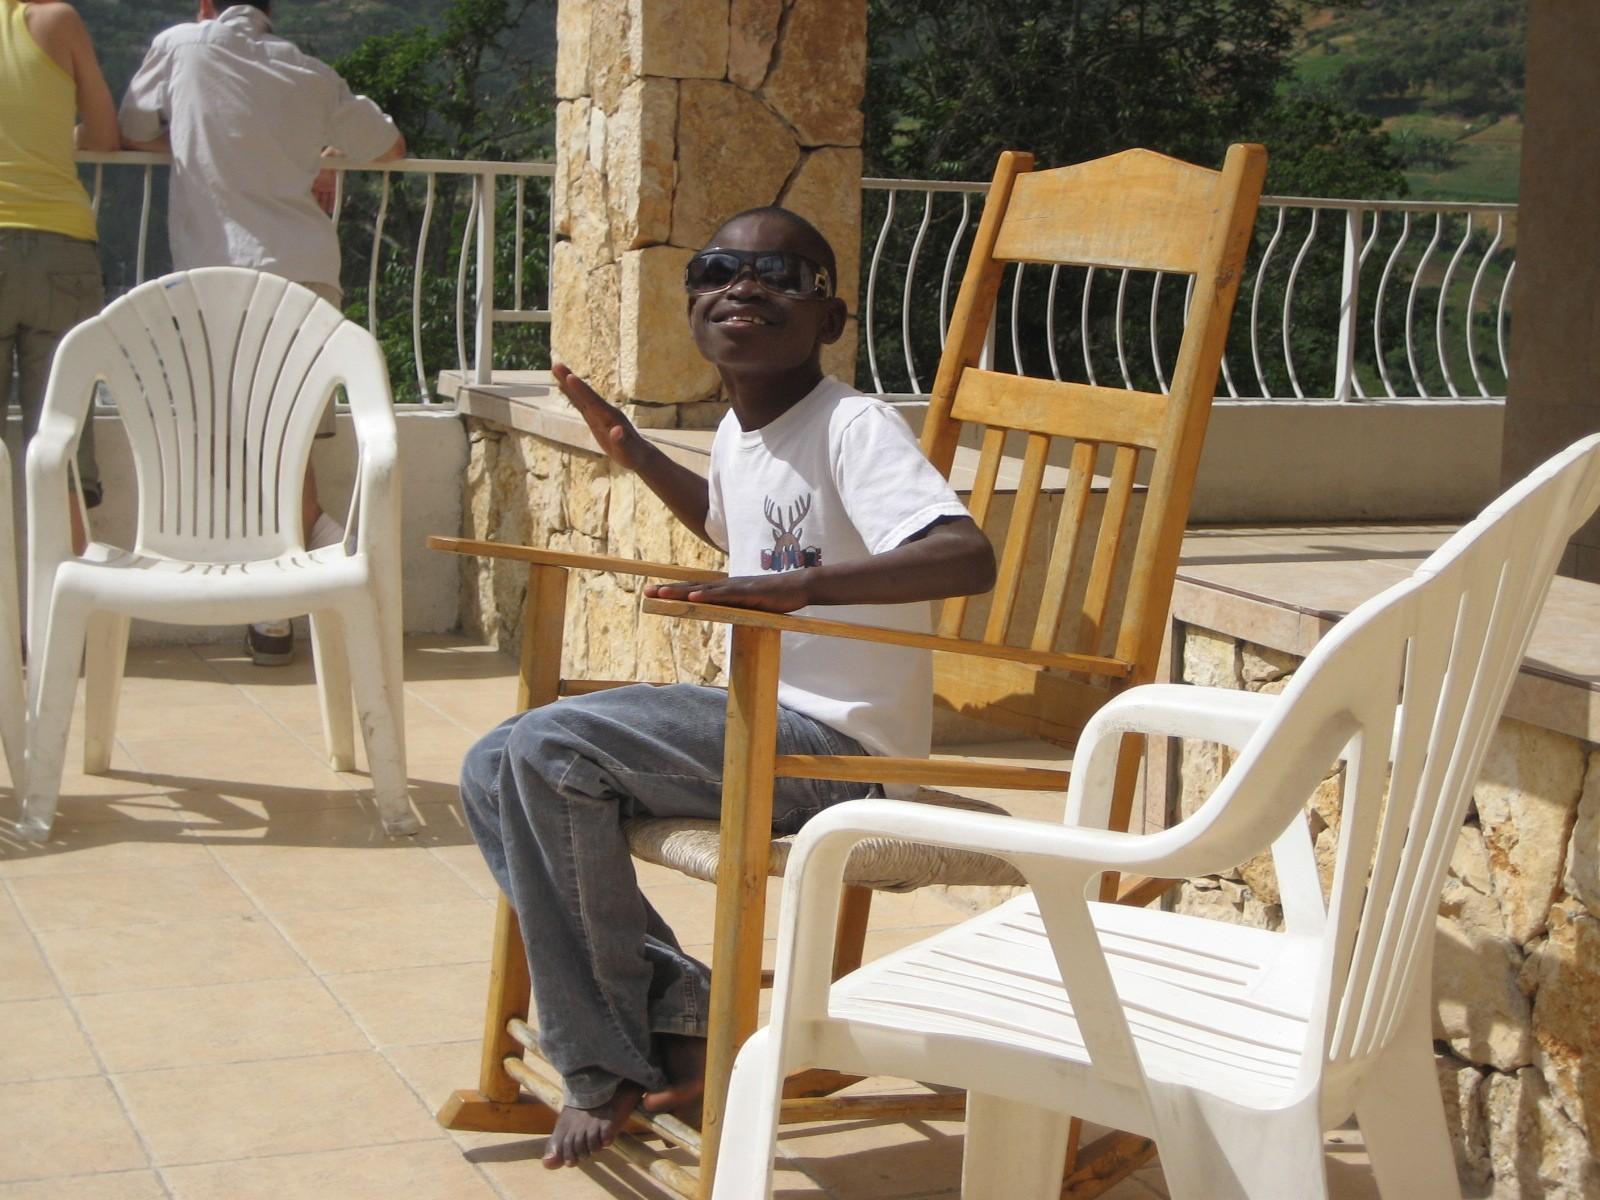 2007, Haiti, TWA, Third World Awareness, charity, non-profit, volunteering, helping, Wings of Help, sunshine, Haitian, boy